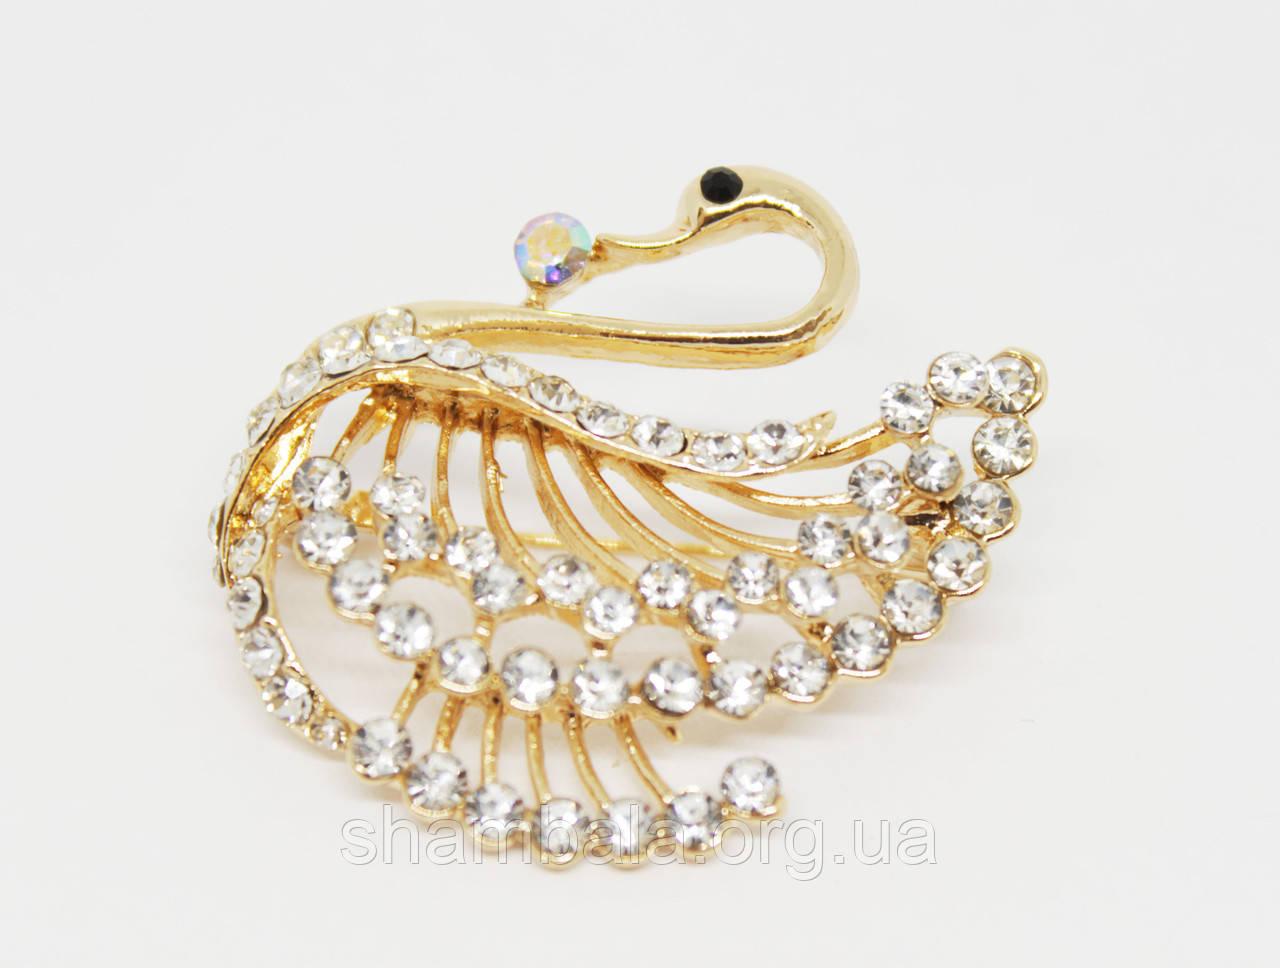 """Брошь Fashion Jewerly """"Лебедь со стразами"""" золото (017976)"""